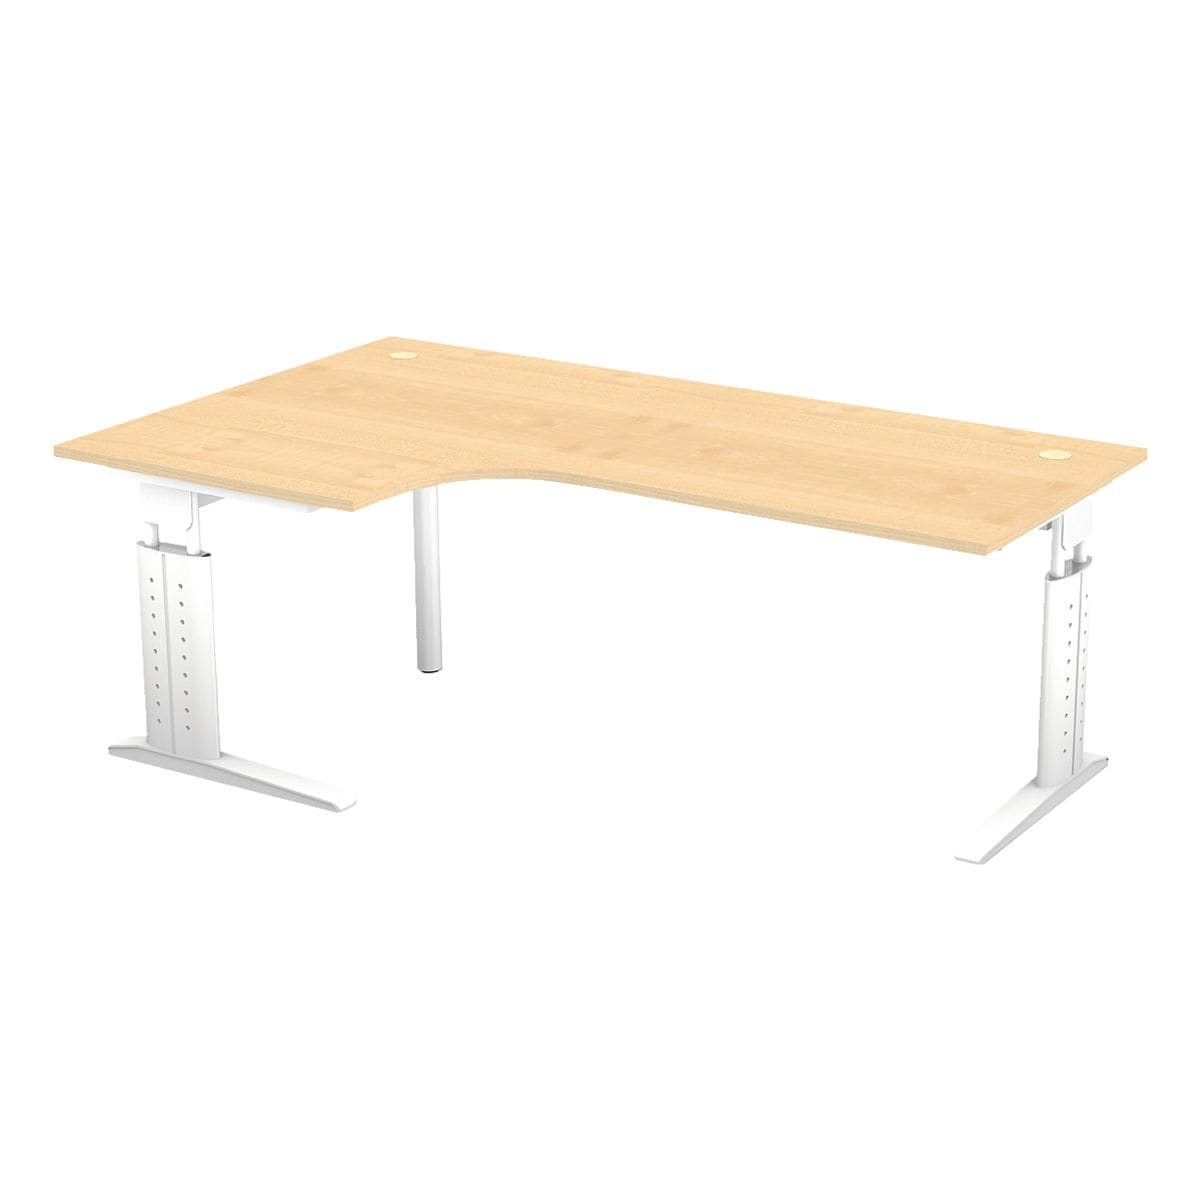 otto office premium bureau otto office line iii 200 cm l onderstel wit voordelig bij otto. Black Bedroom Furniture Sets. Home Design Ideas